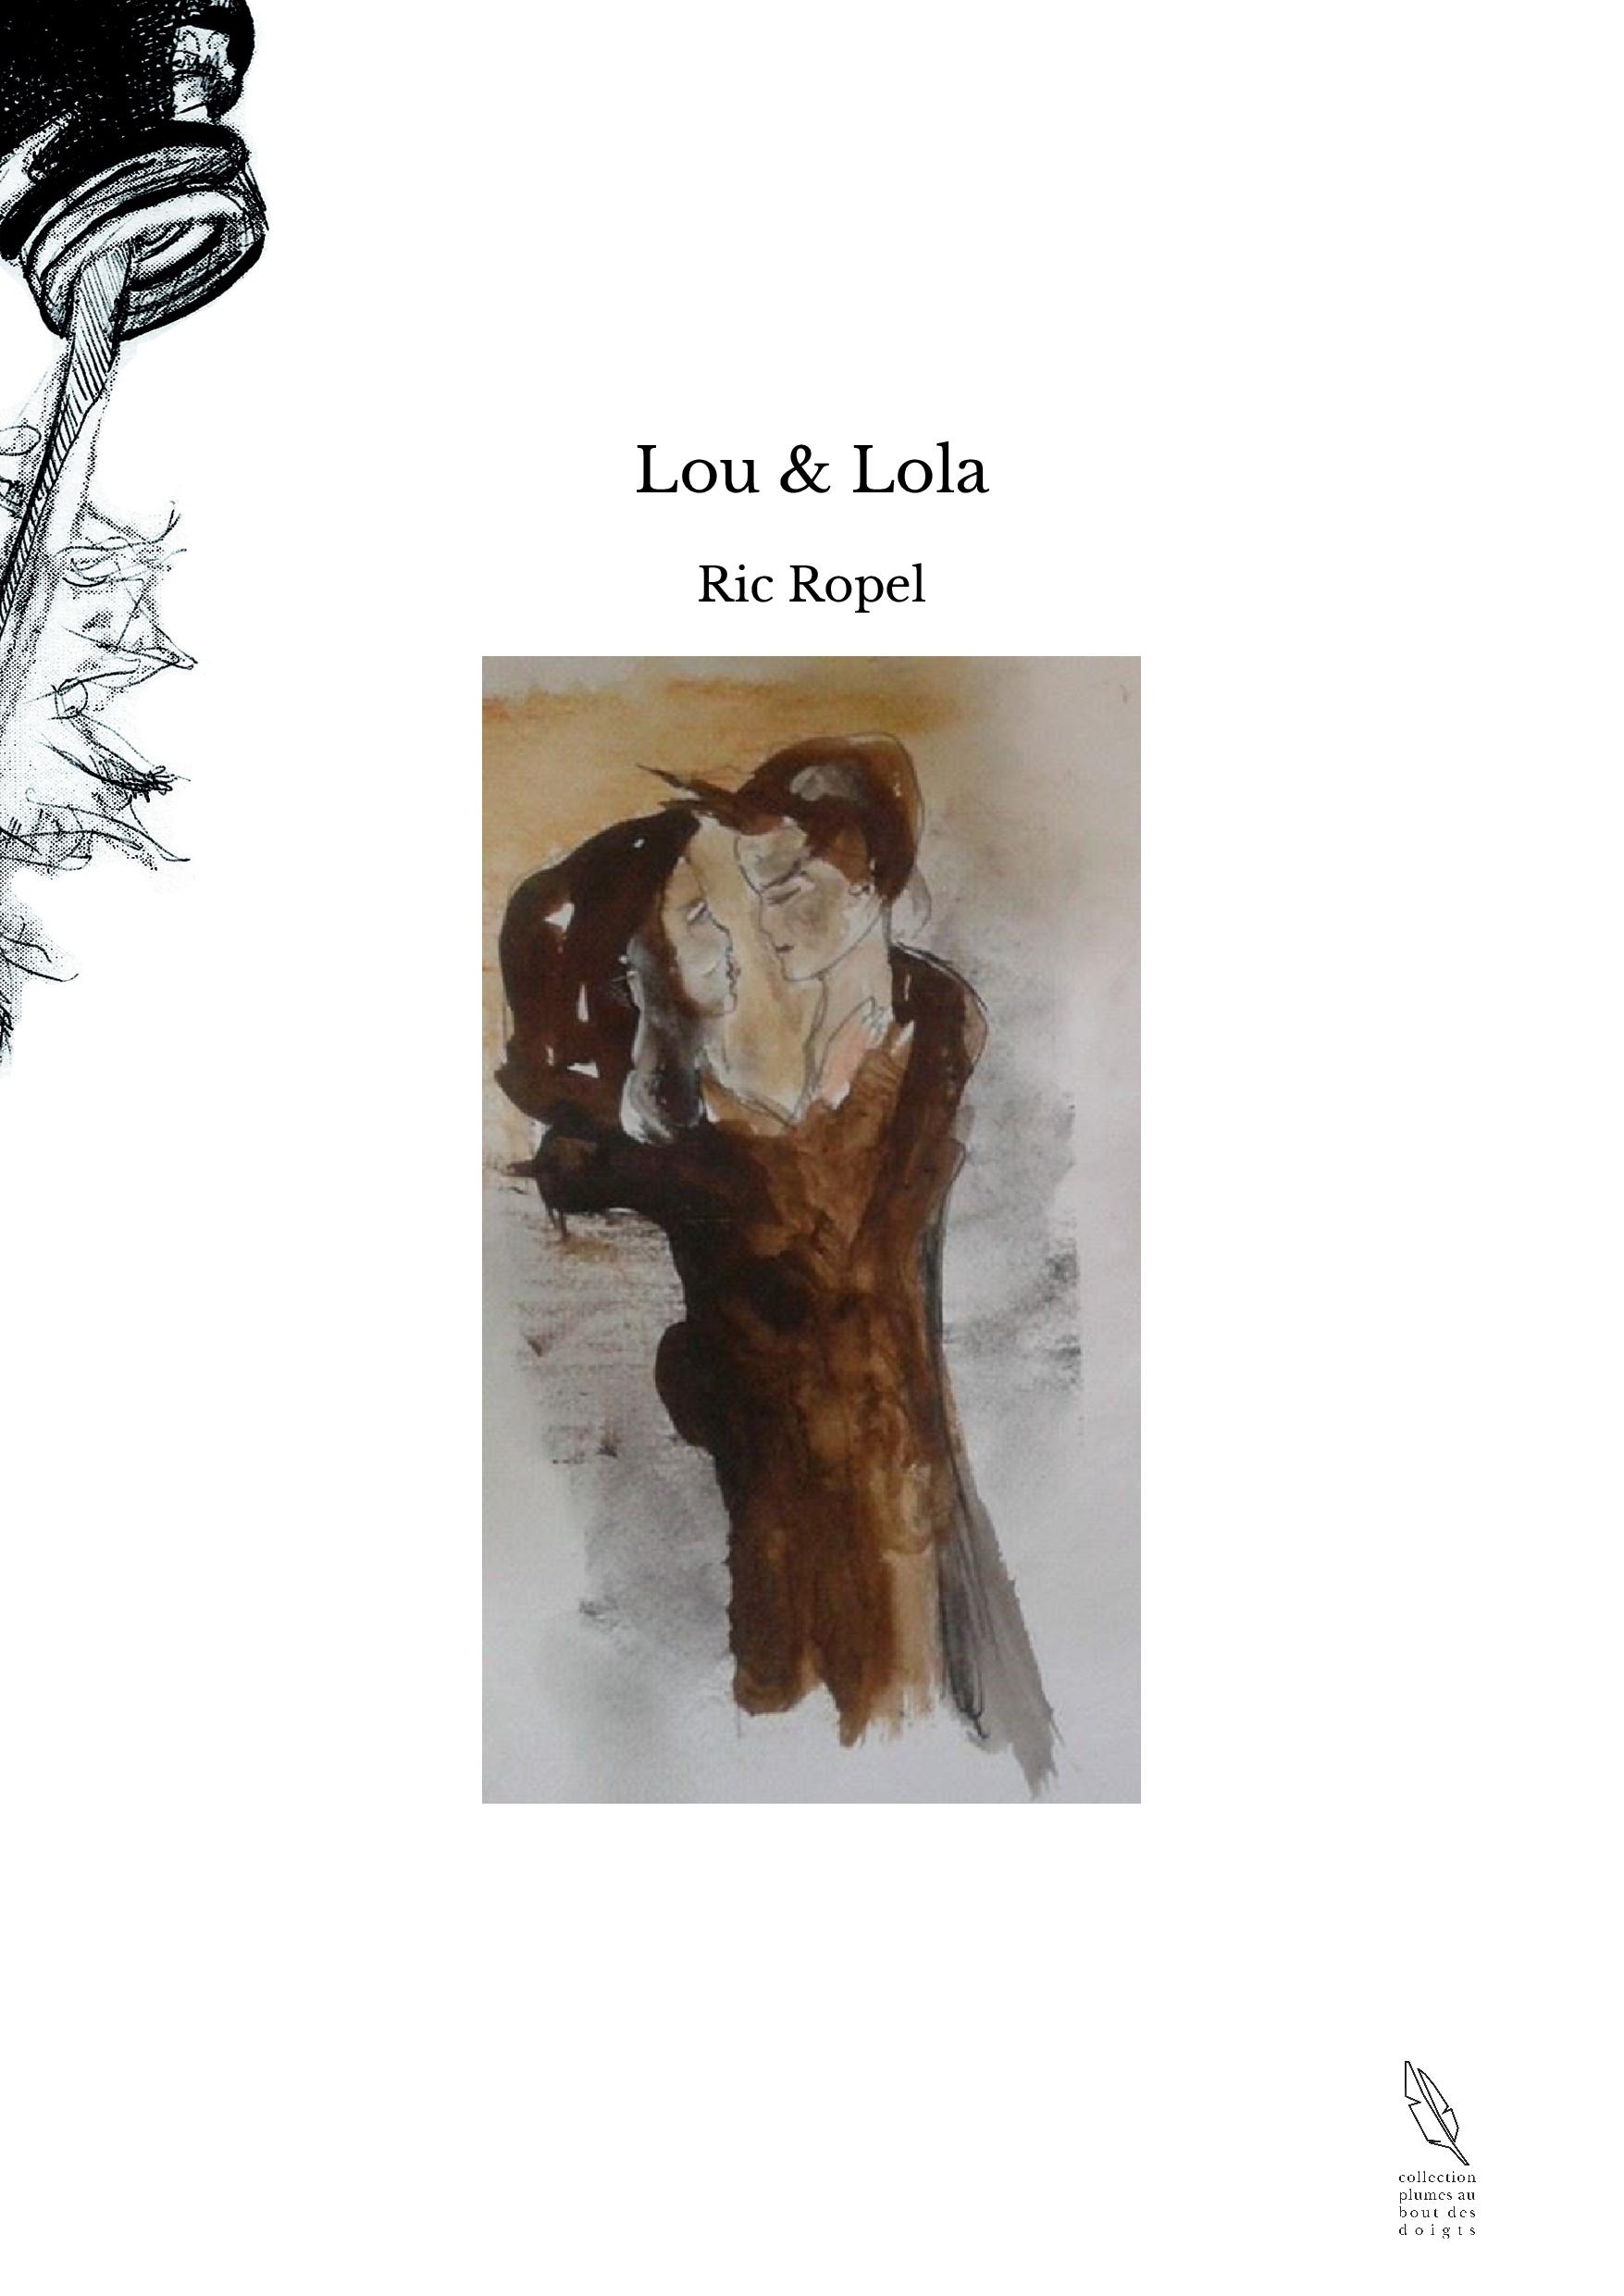 Lou & Lola